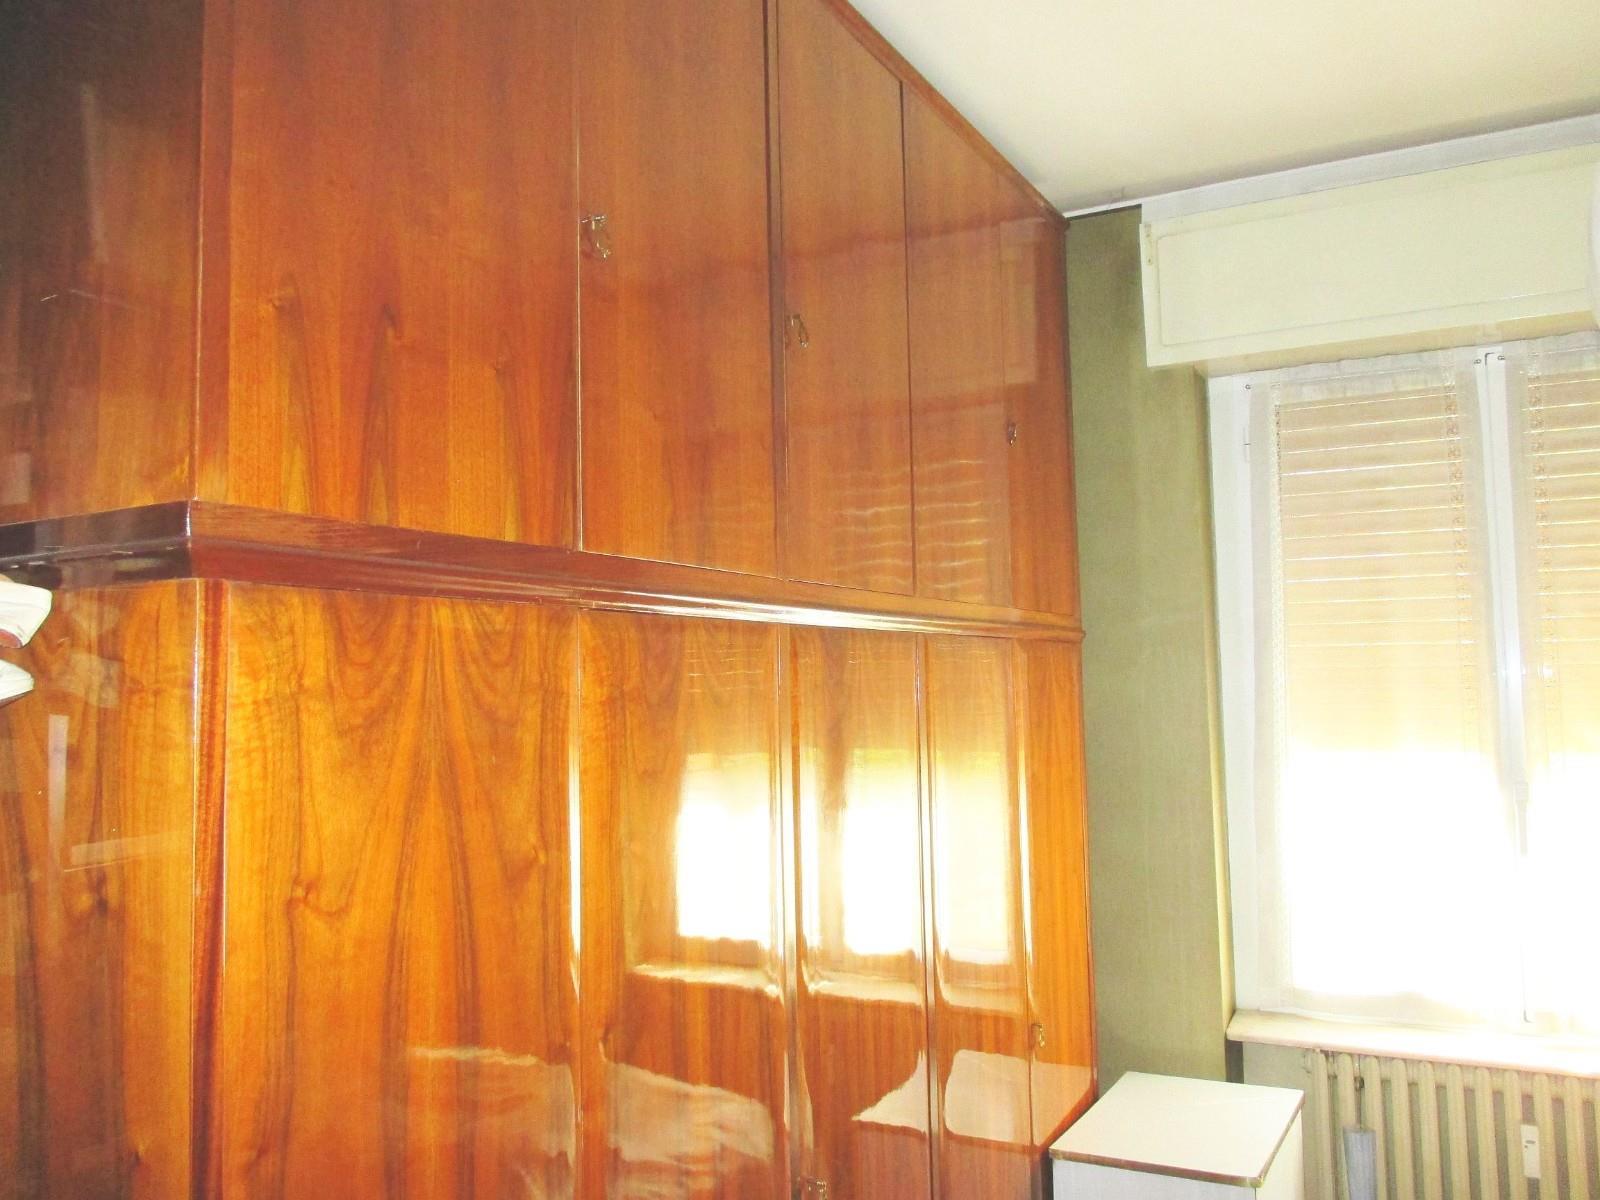 Foto 5 - Appartamento in Vendita - Seveso (Monza e Brianza)